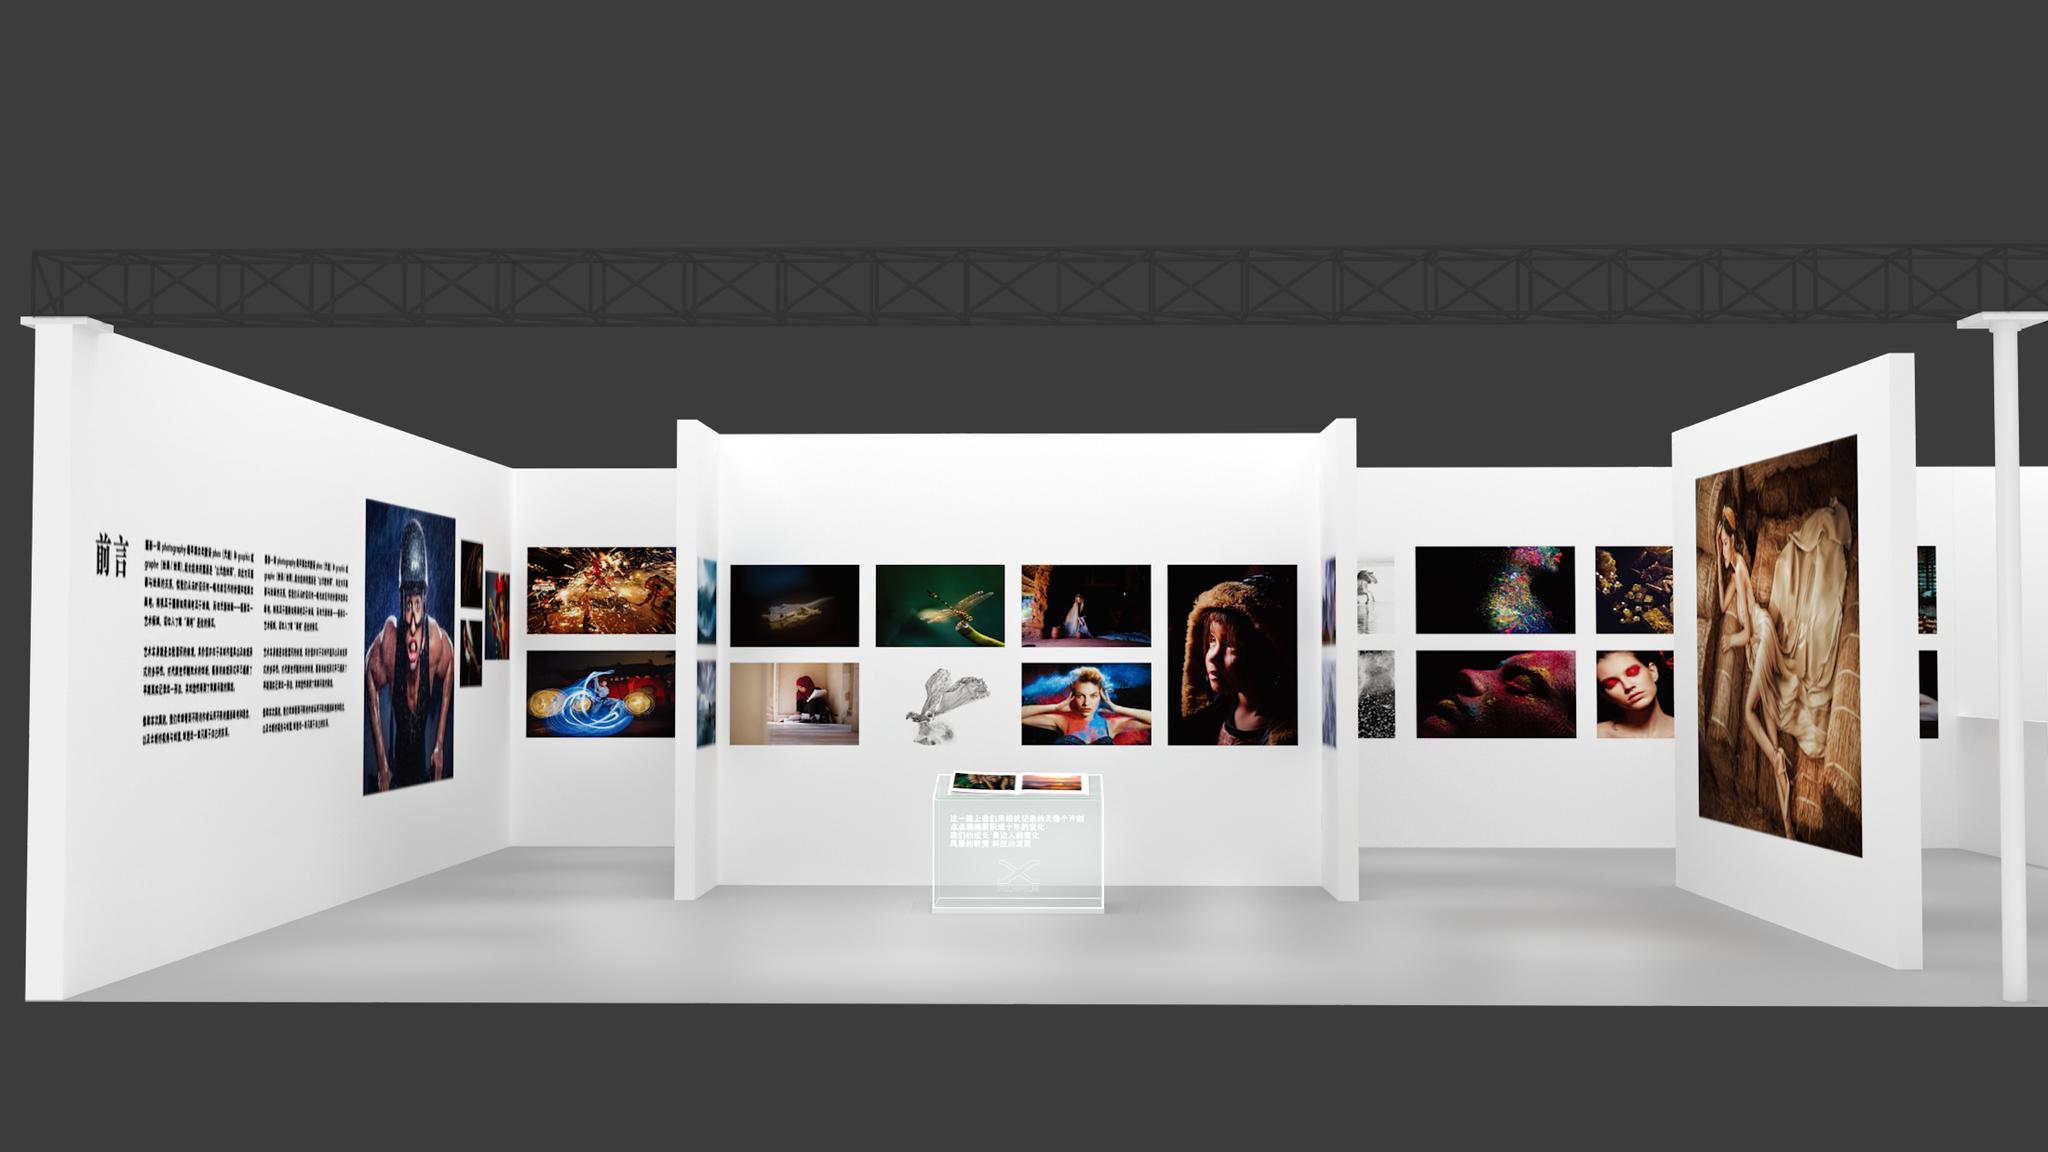 活动丨6.19 江苏国际影像文化艺术展南京揭幕 诚邀您前往富士展台